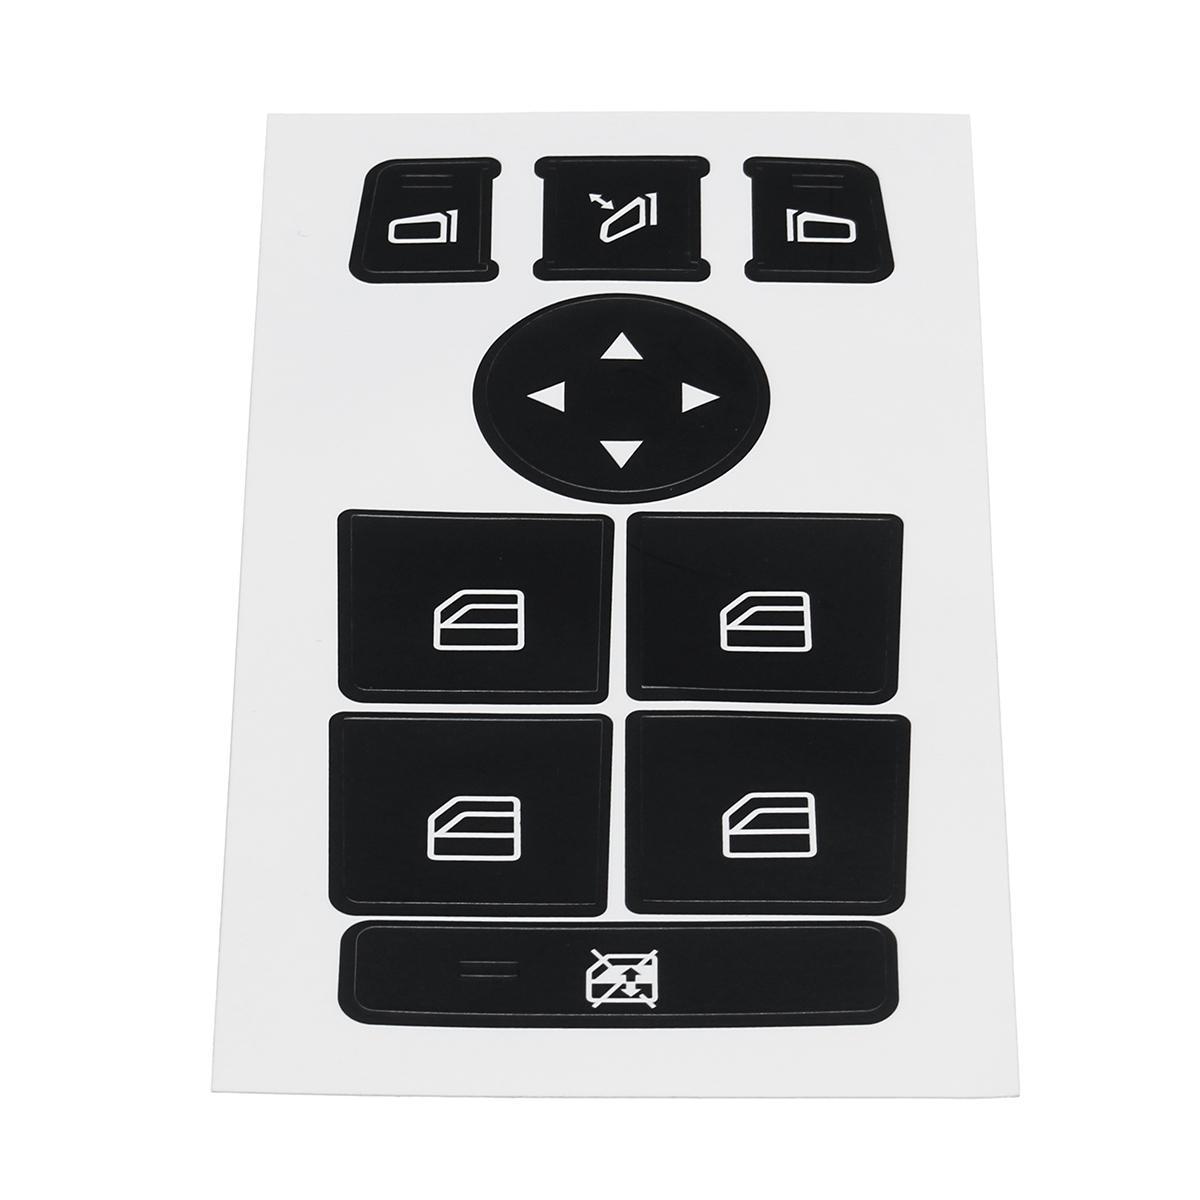 Benz 08-14 W204 C300 C350 Düğme Tamir Kiti için Mercedes İçin Araba Pencere Anahtarı Düğme Tamir Çıkartma Çirkin Düğmeleri Soluk Fix